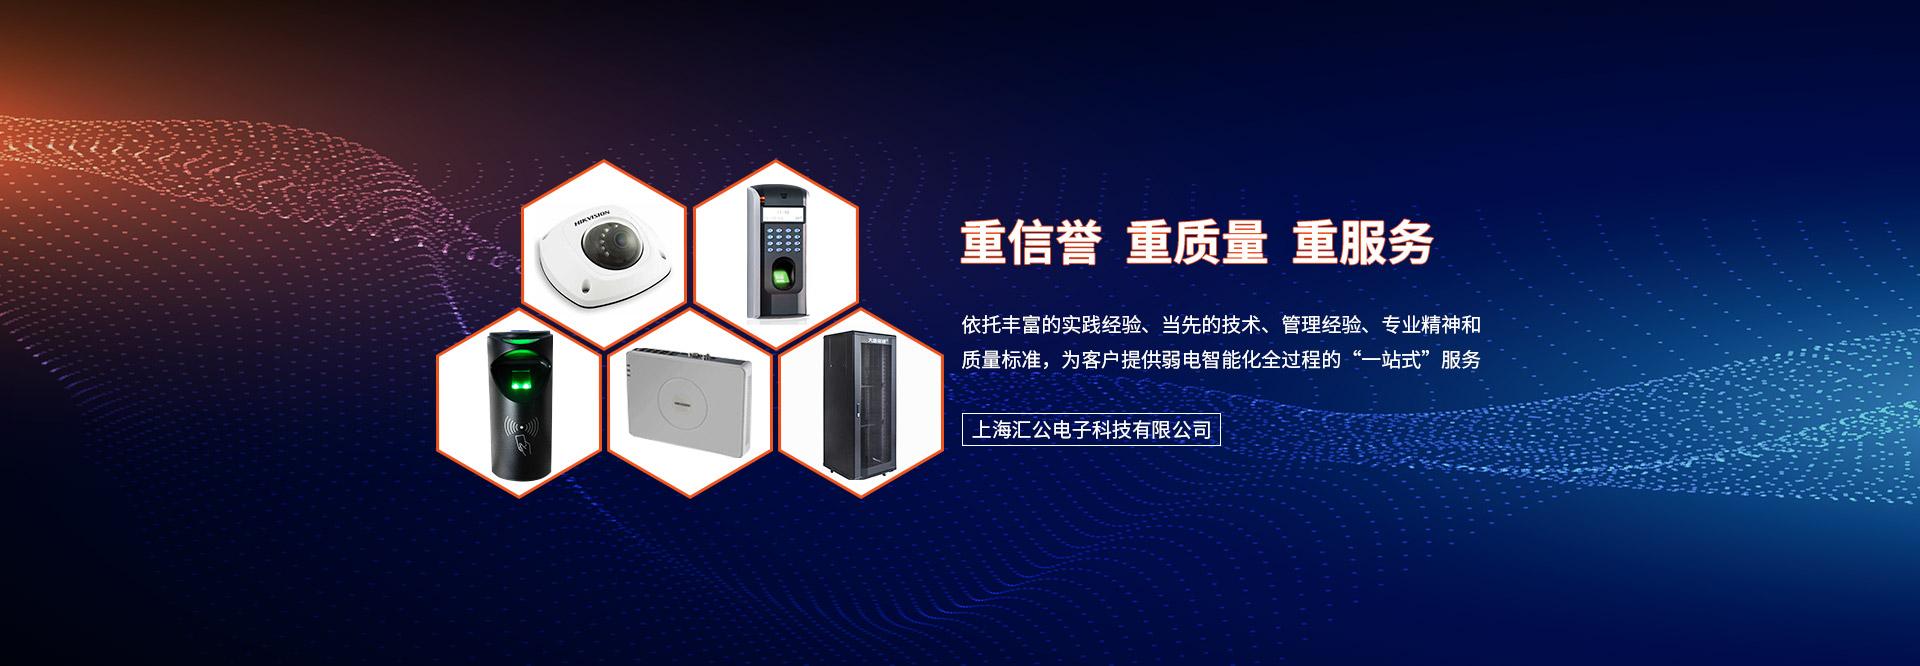 上海汇公电子科技有限公司